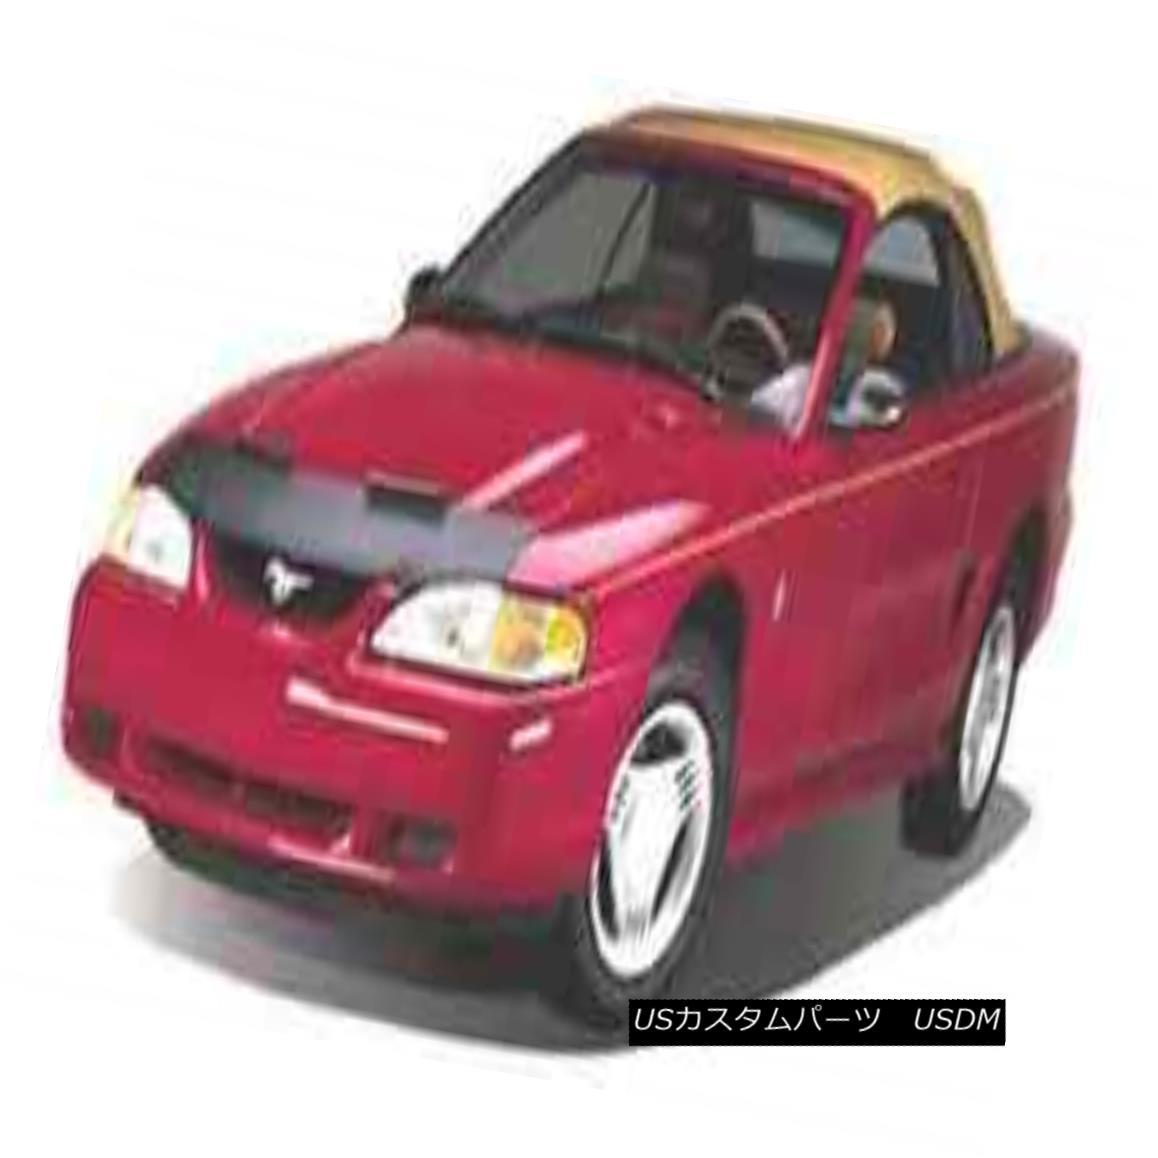 フルブラ ノーズブラ Mini Mask Bra Hood Protector Fits 1995-2002 Chevy Cavalier sedan and coupe ミニマスクのブラジャーのフードプロテクターは1995-2002年に適合しますチェビーCavalierセダンとクーペ